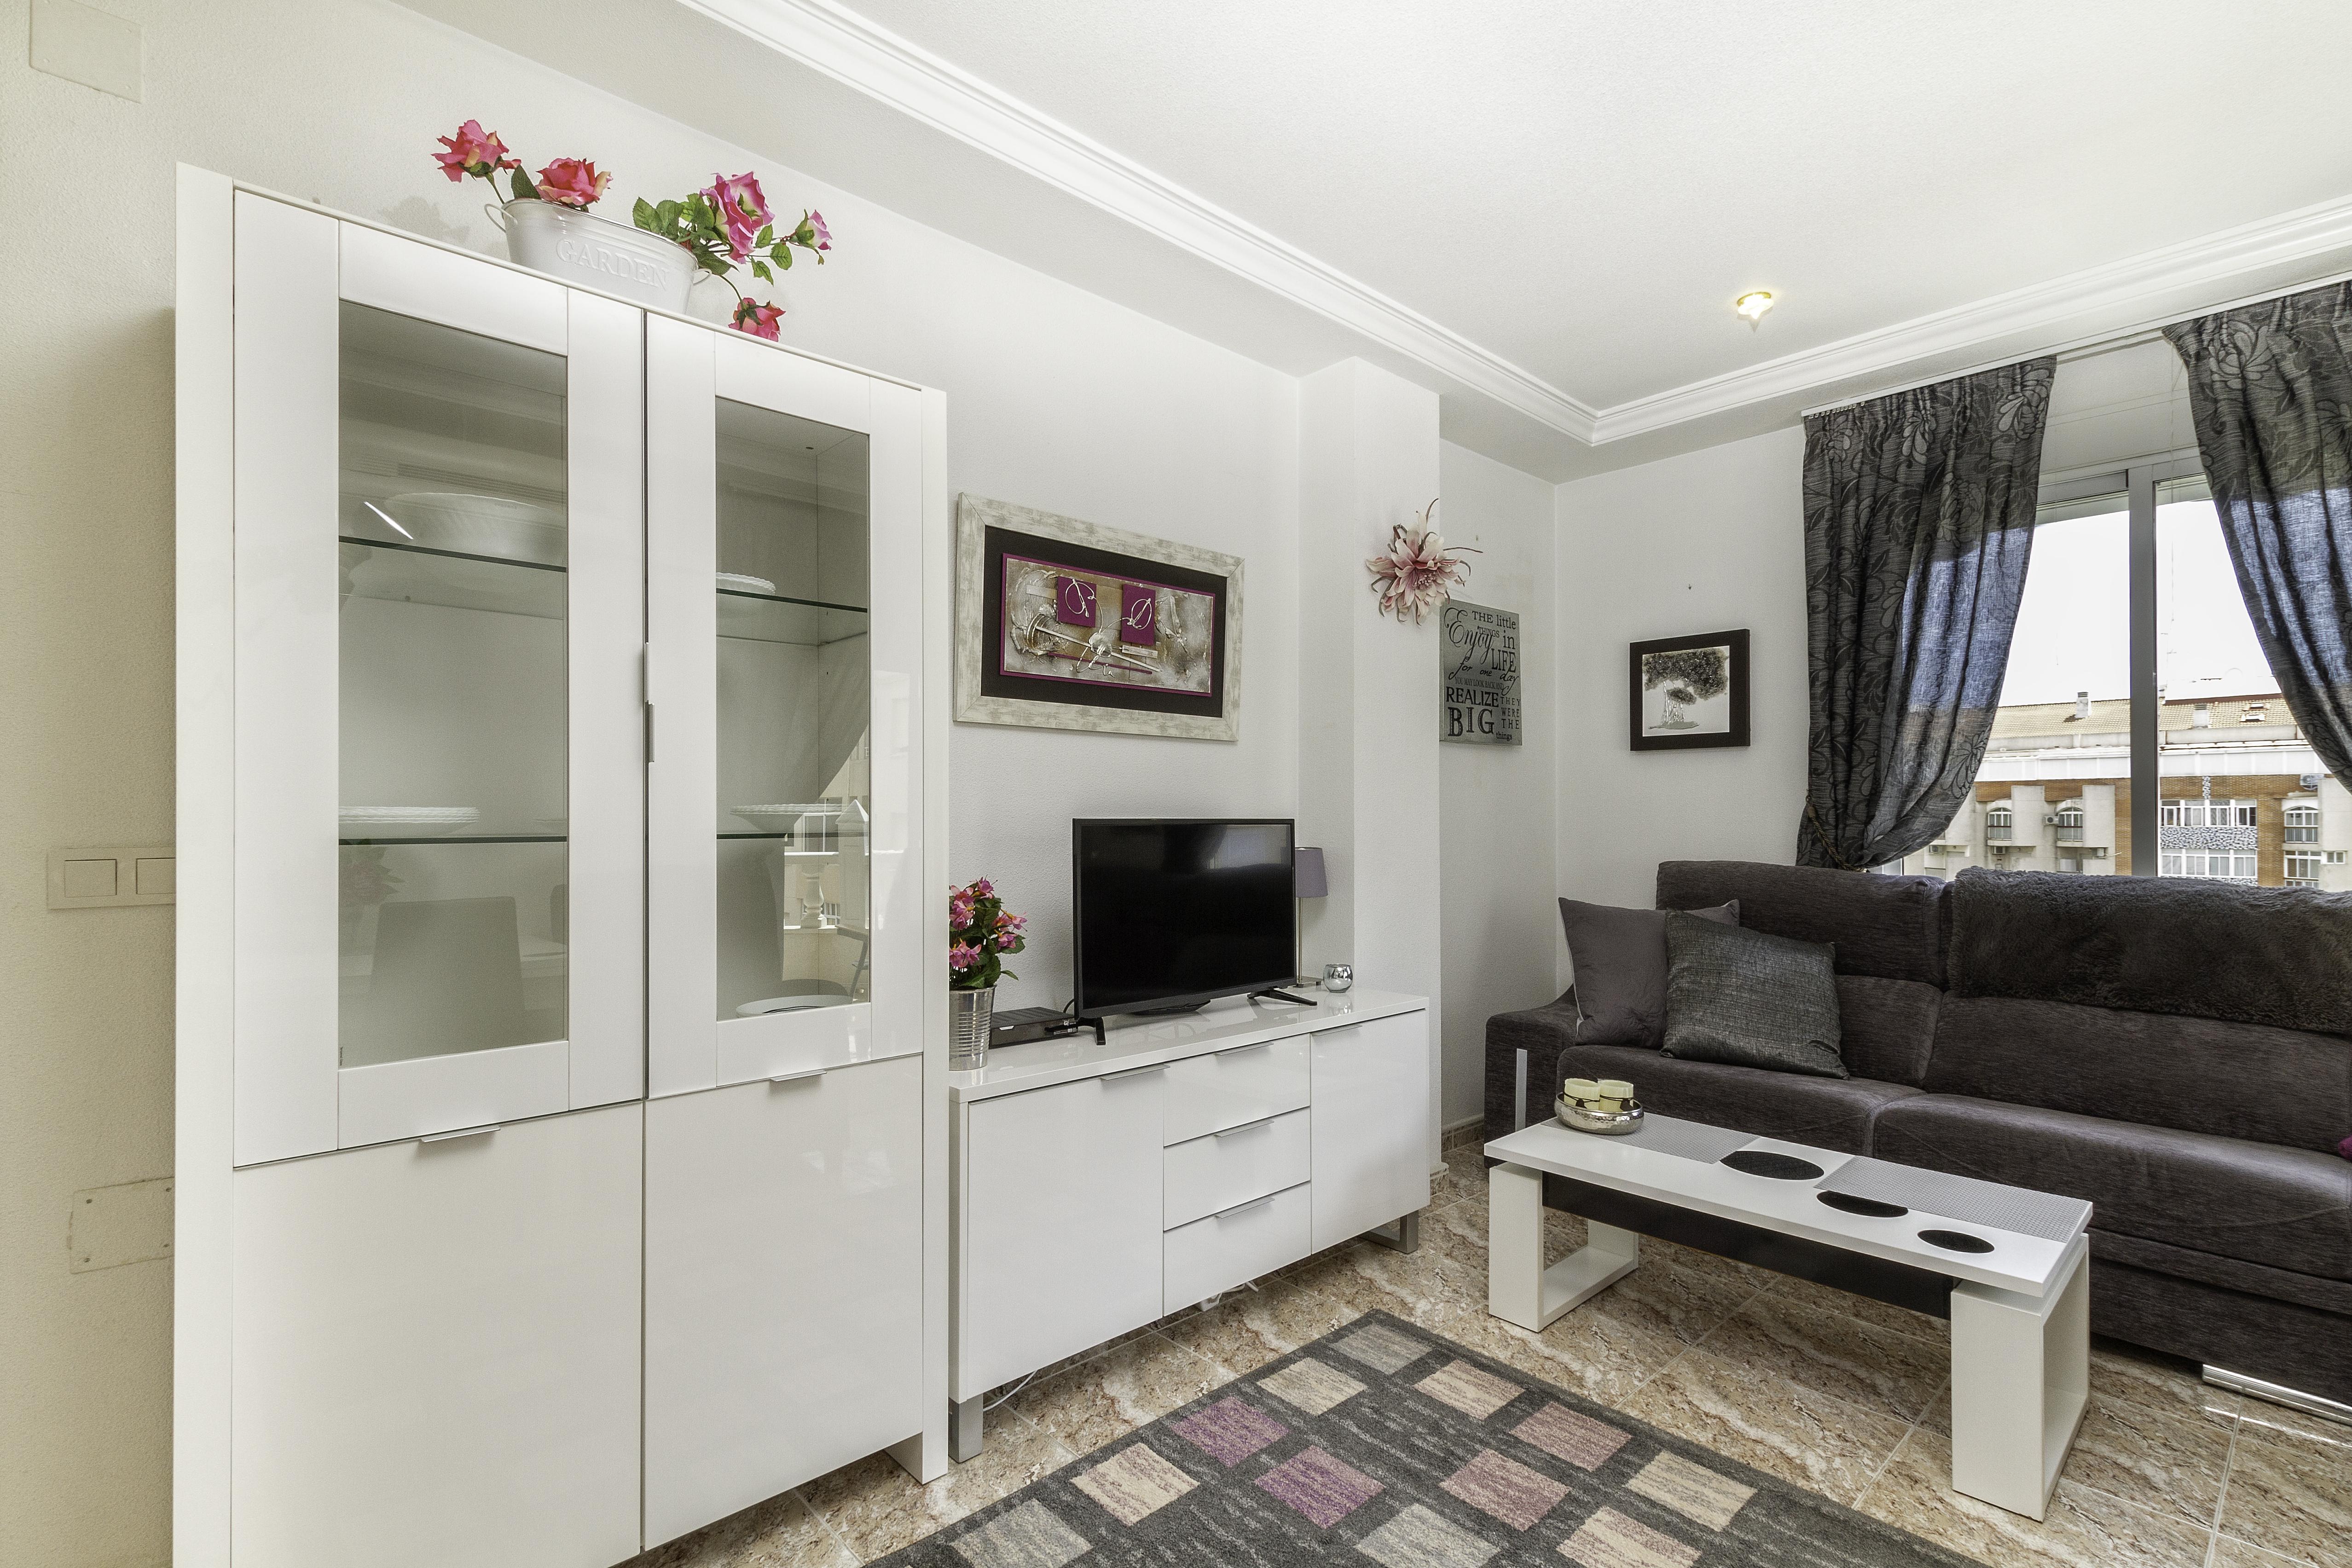 Appartement de vacances Geräumige Wohnung nur 500 Meter vom Strand entfernt (2611011), Torrevieja, Costa Blanca, Valence, Espagne, image 3